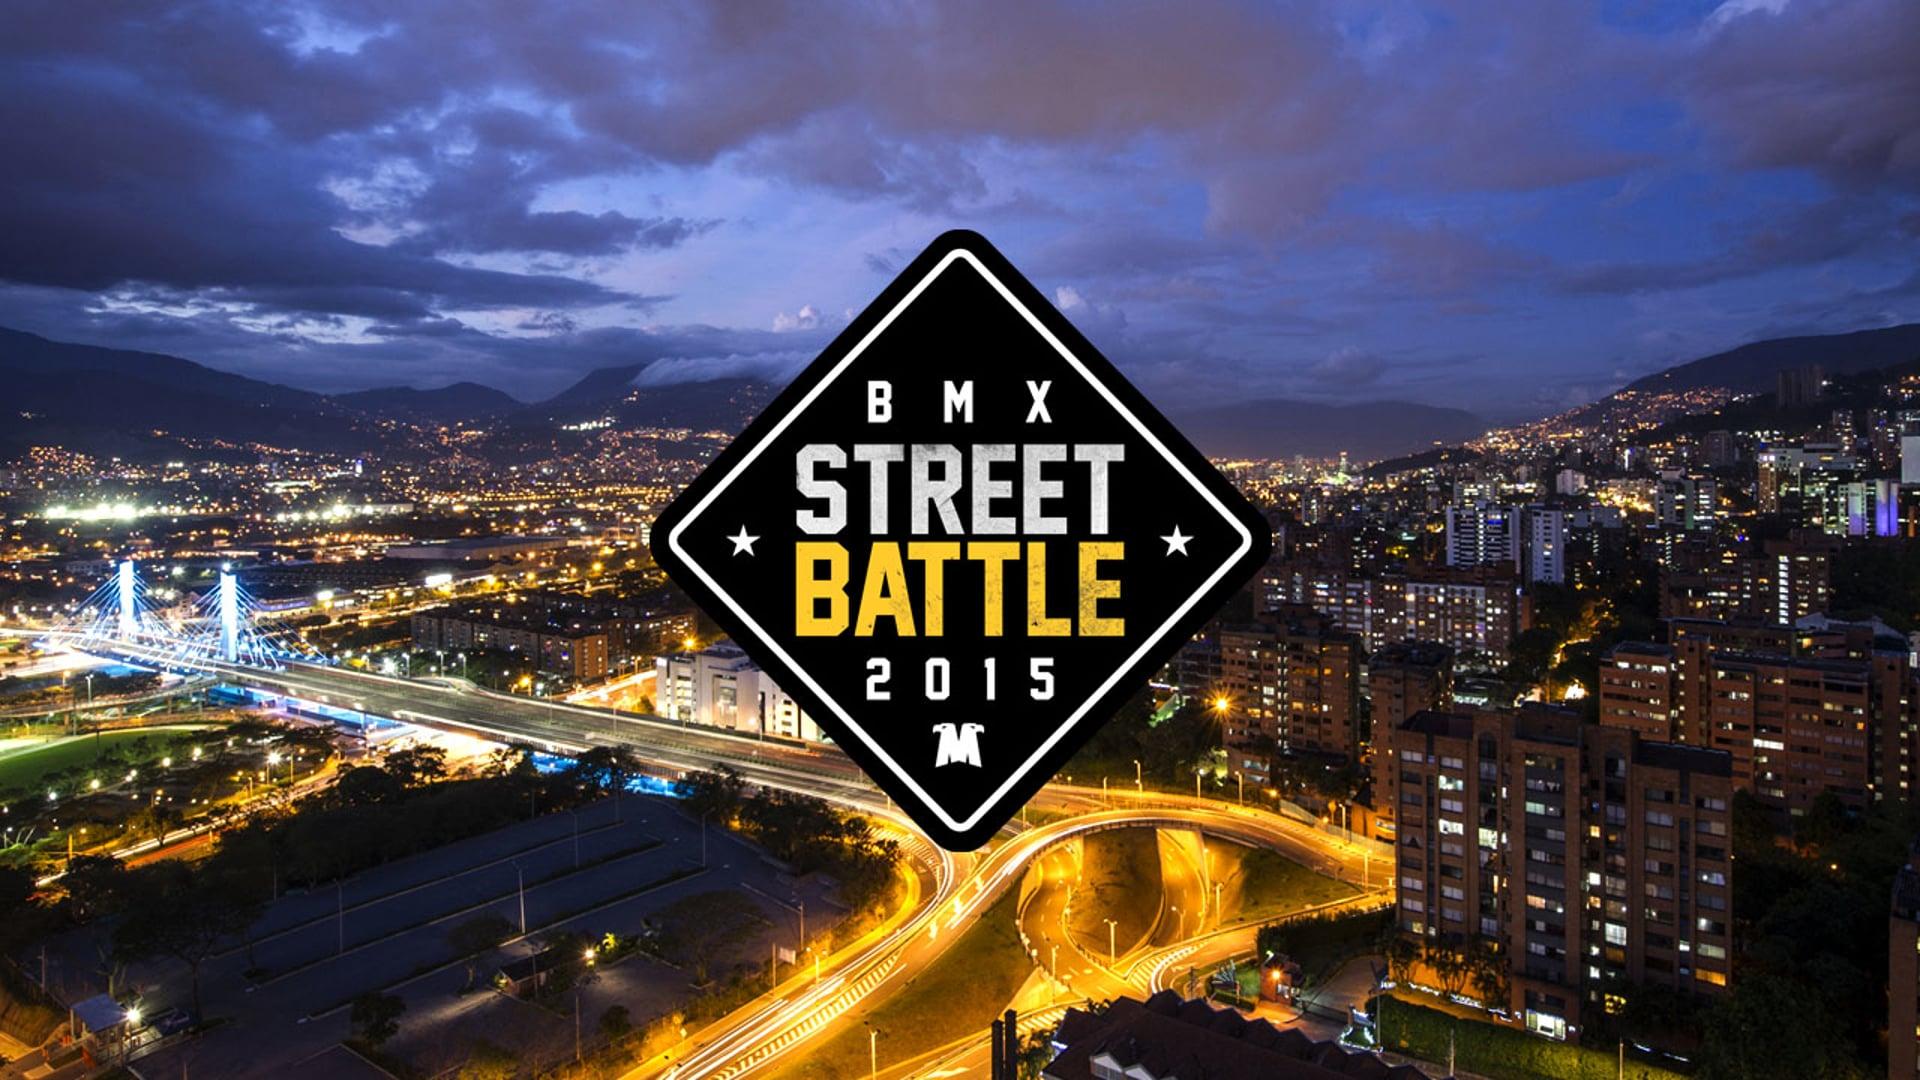 BMX STREET BATTLE 2015